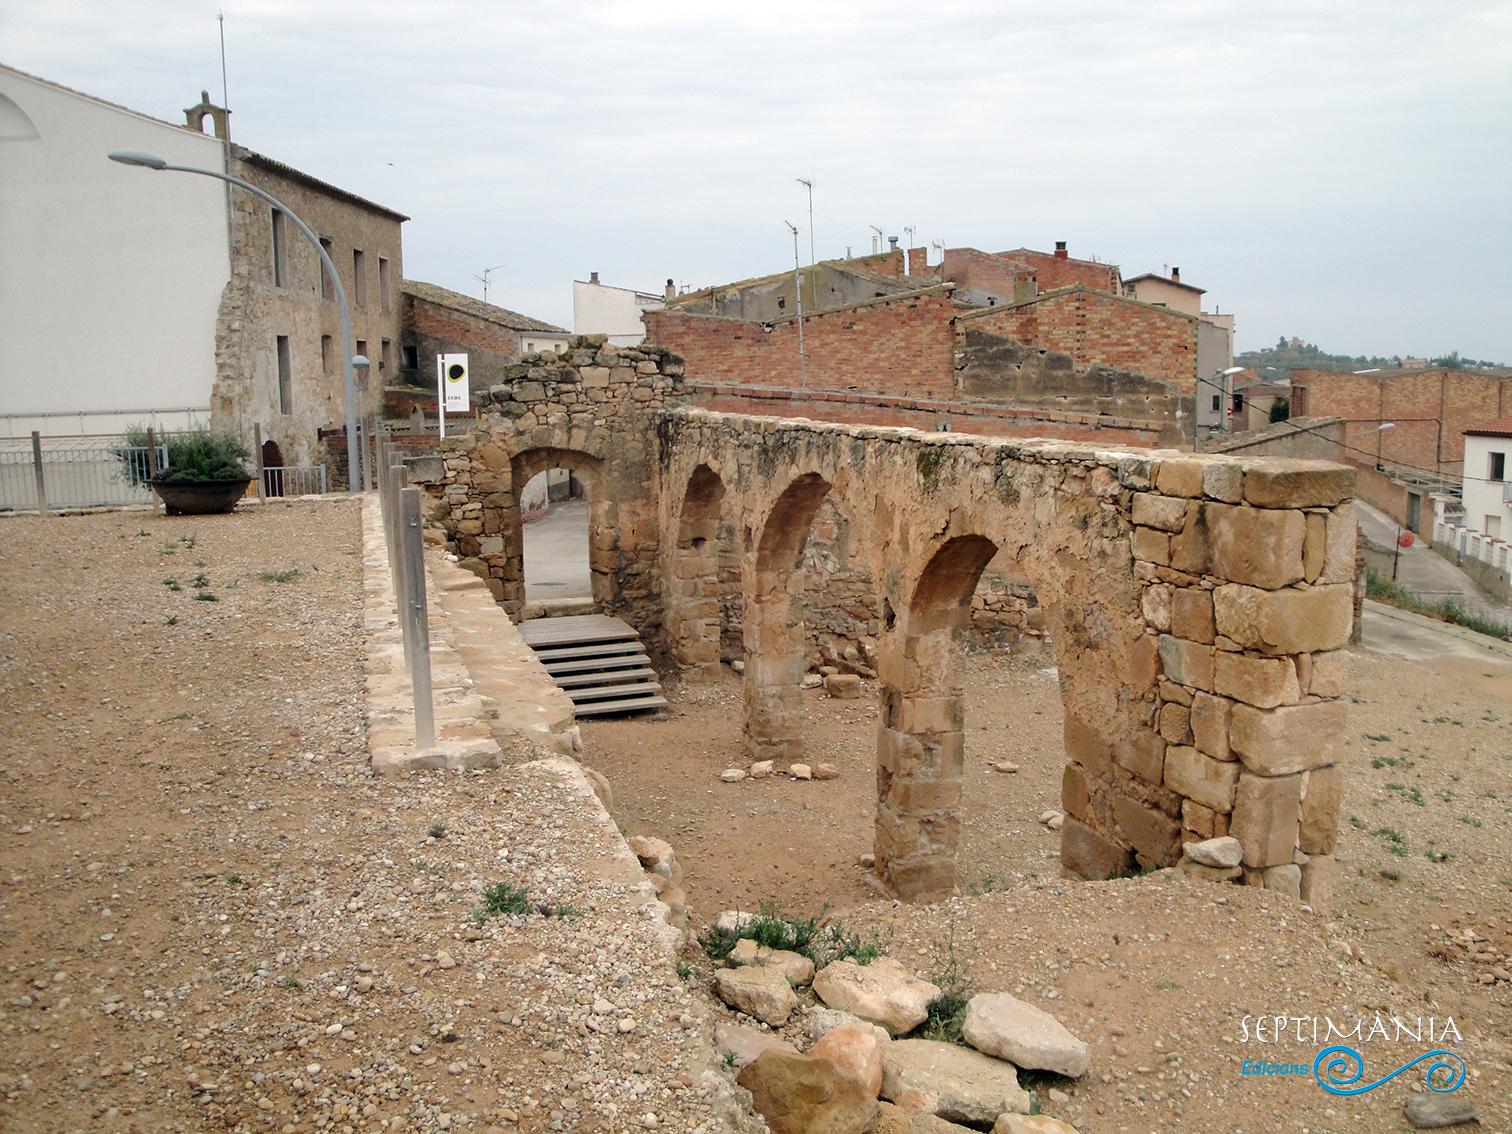 22.04.2019 Una de les poques restes que queden del castell. Possiblement acollí les cavallerisses.  La Granadella. -  Jordi Bibià